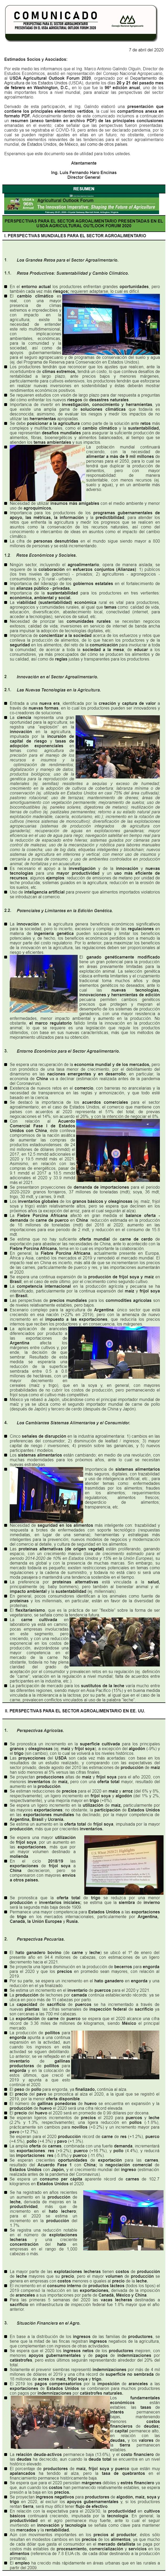 PERSPECTIVAS PARA EL SECTOR AGROALIMENTARIO PRESENTADAS EN EL USDA AGRICULTURAL OUTLOOK FORUM 2020.